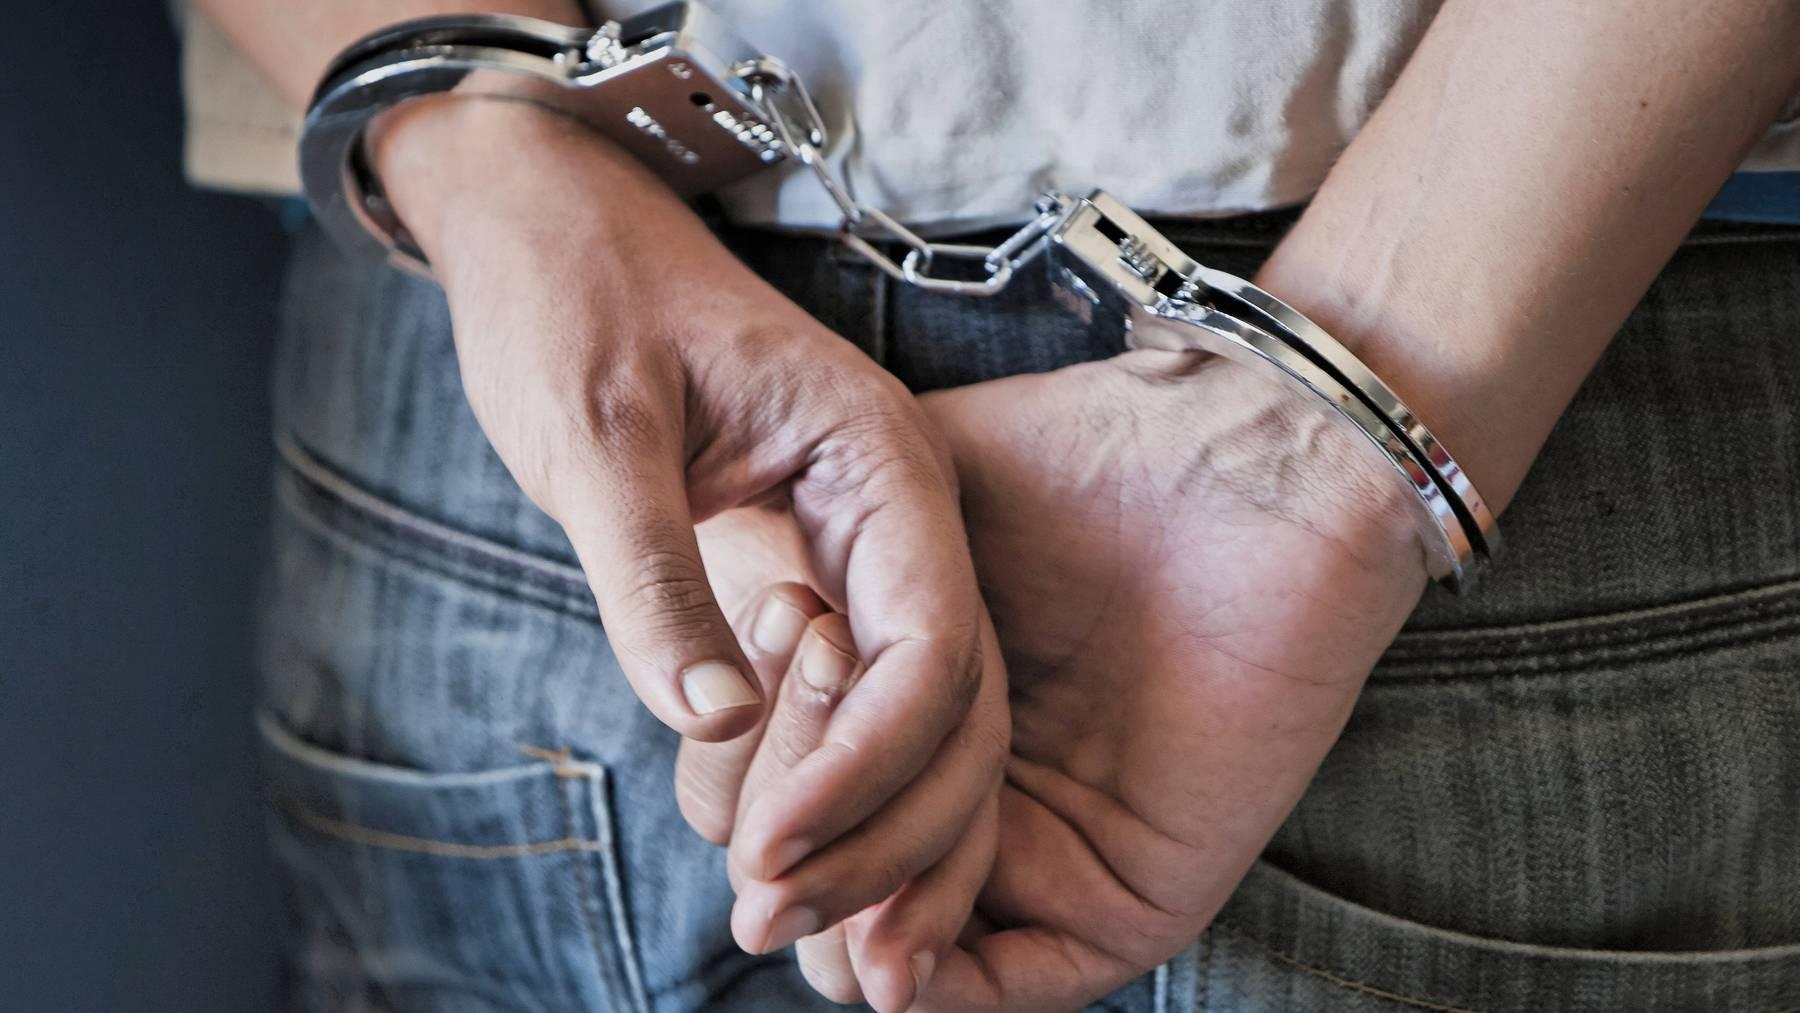 Der Mann konnte nach kurzer Flucht wieder festgenommen werden.